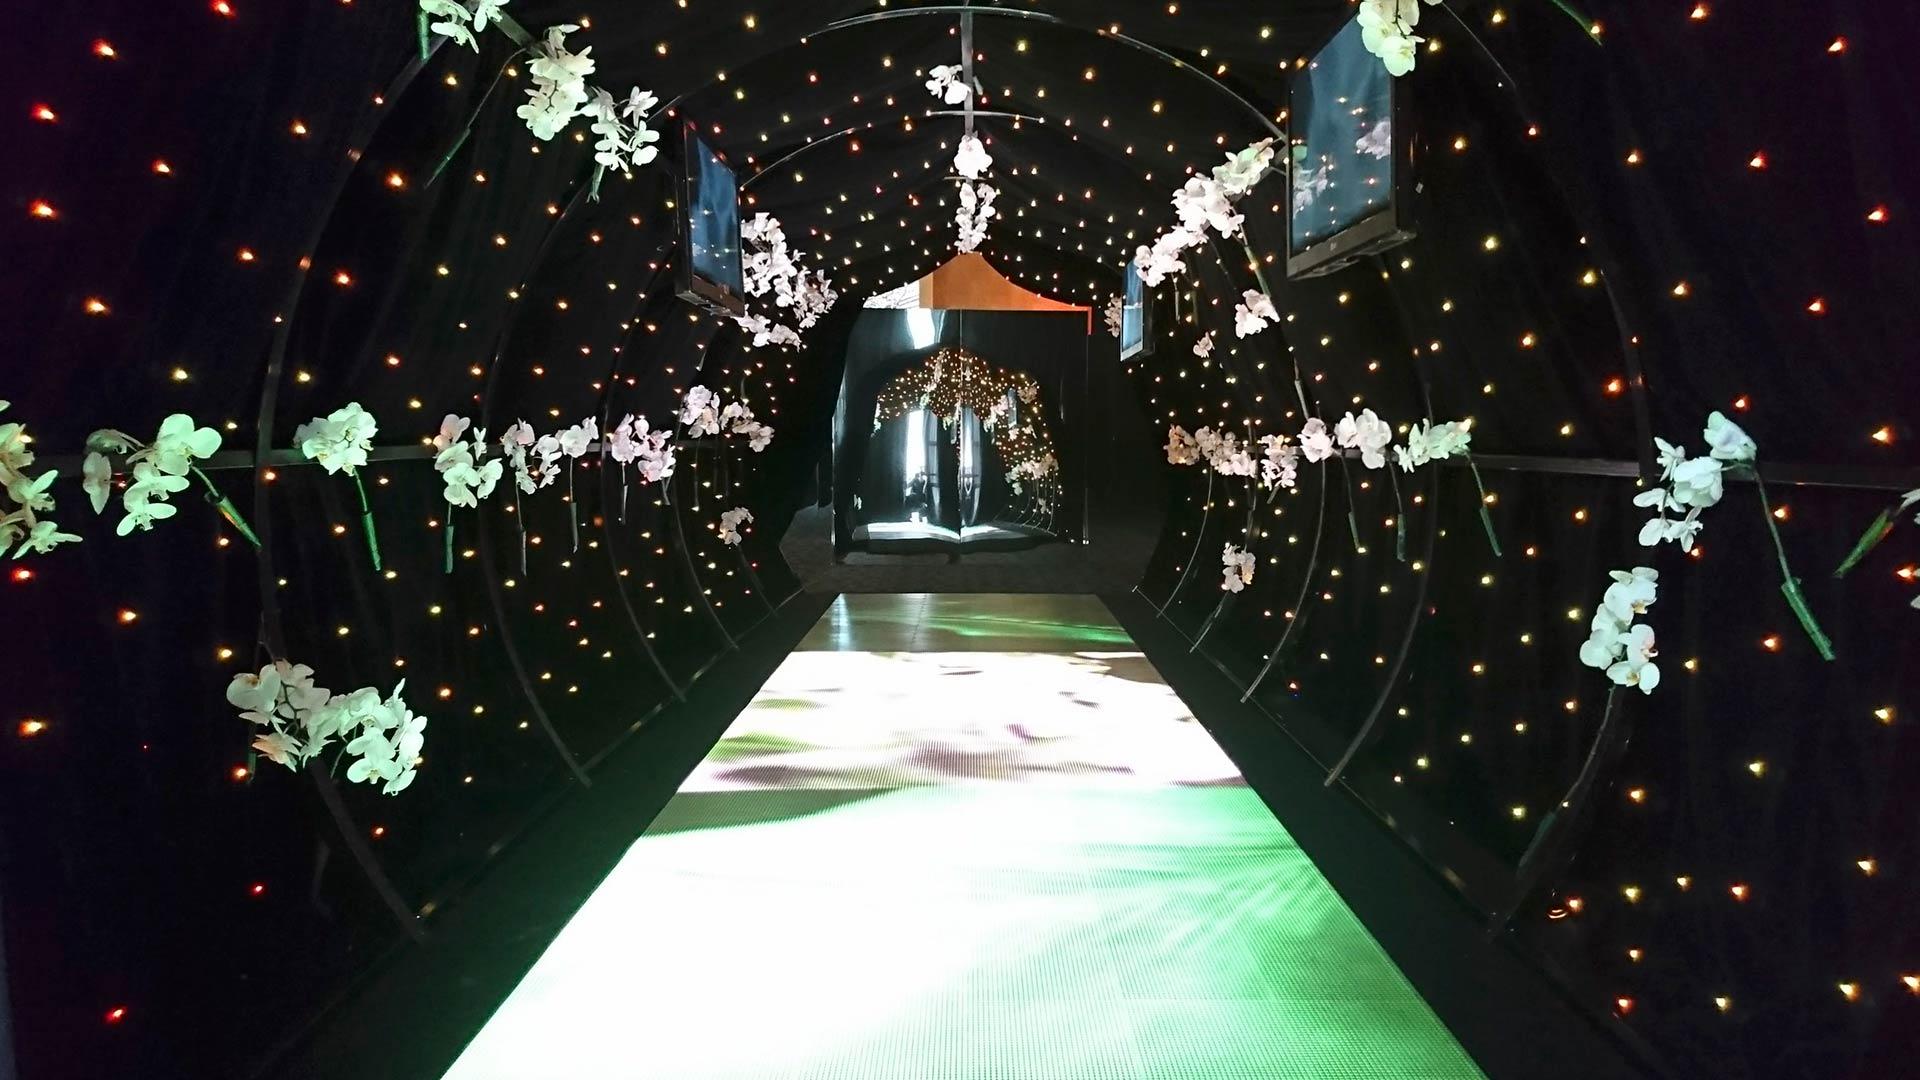 Evento presentación perfume chanel diseño tunel led